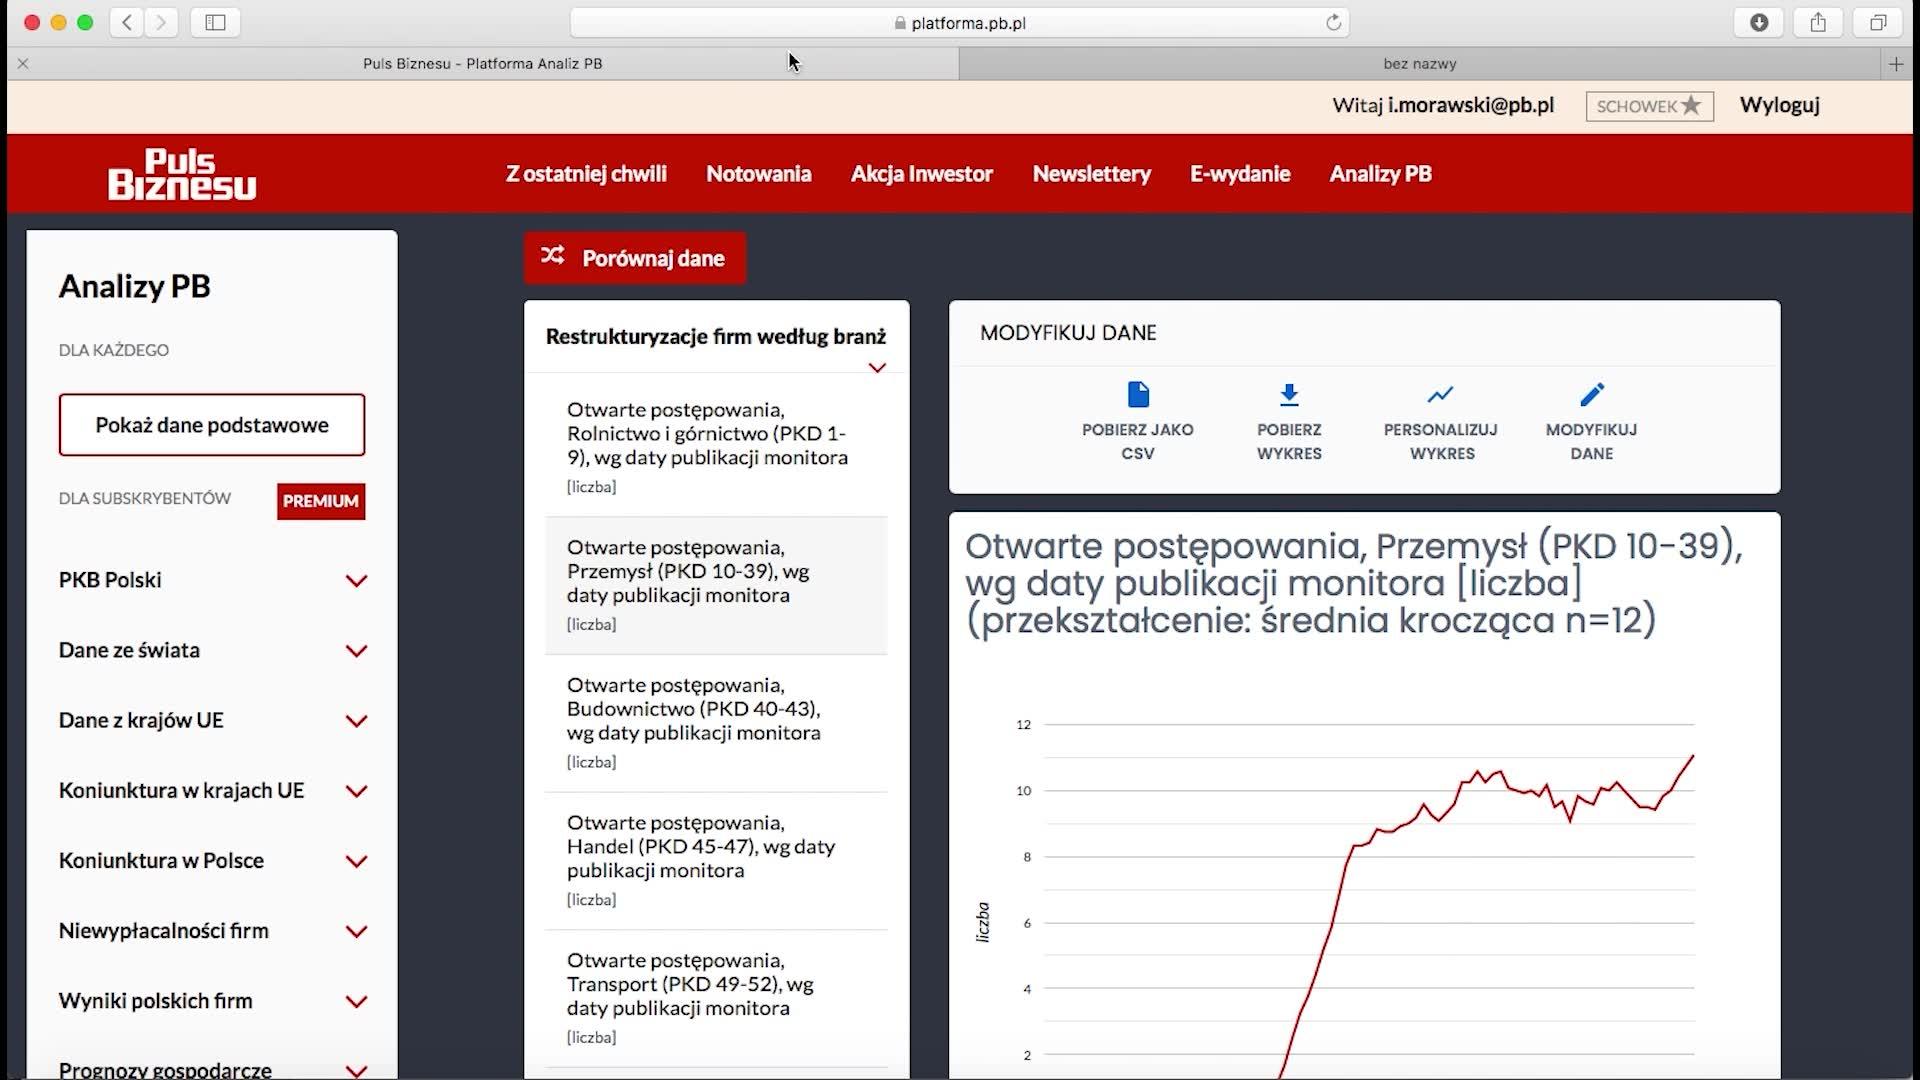 Jak korzystać z platformy Analizy PB?